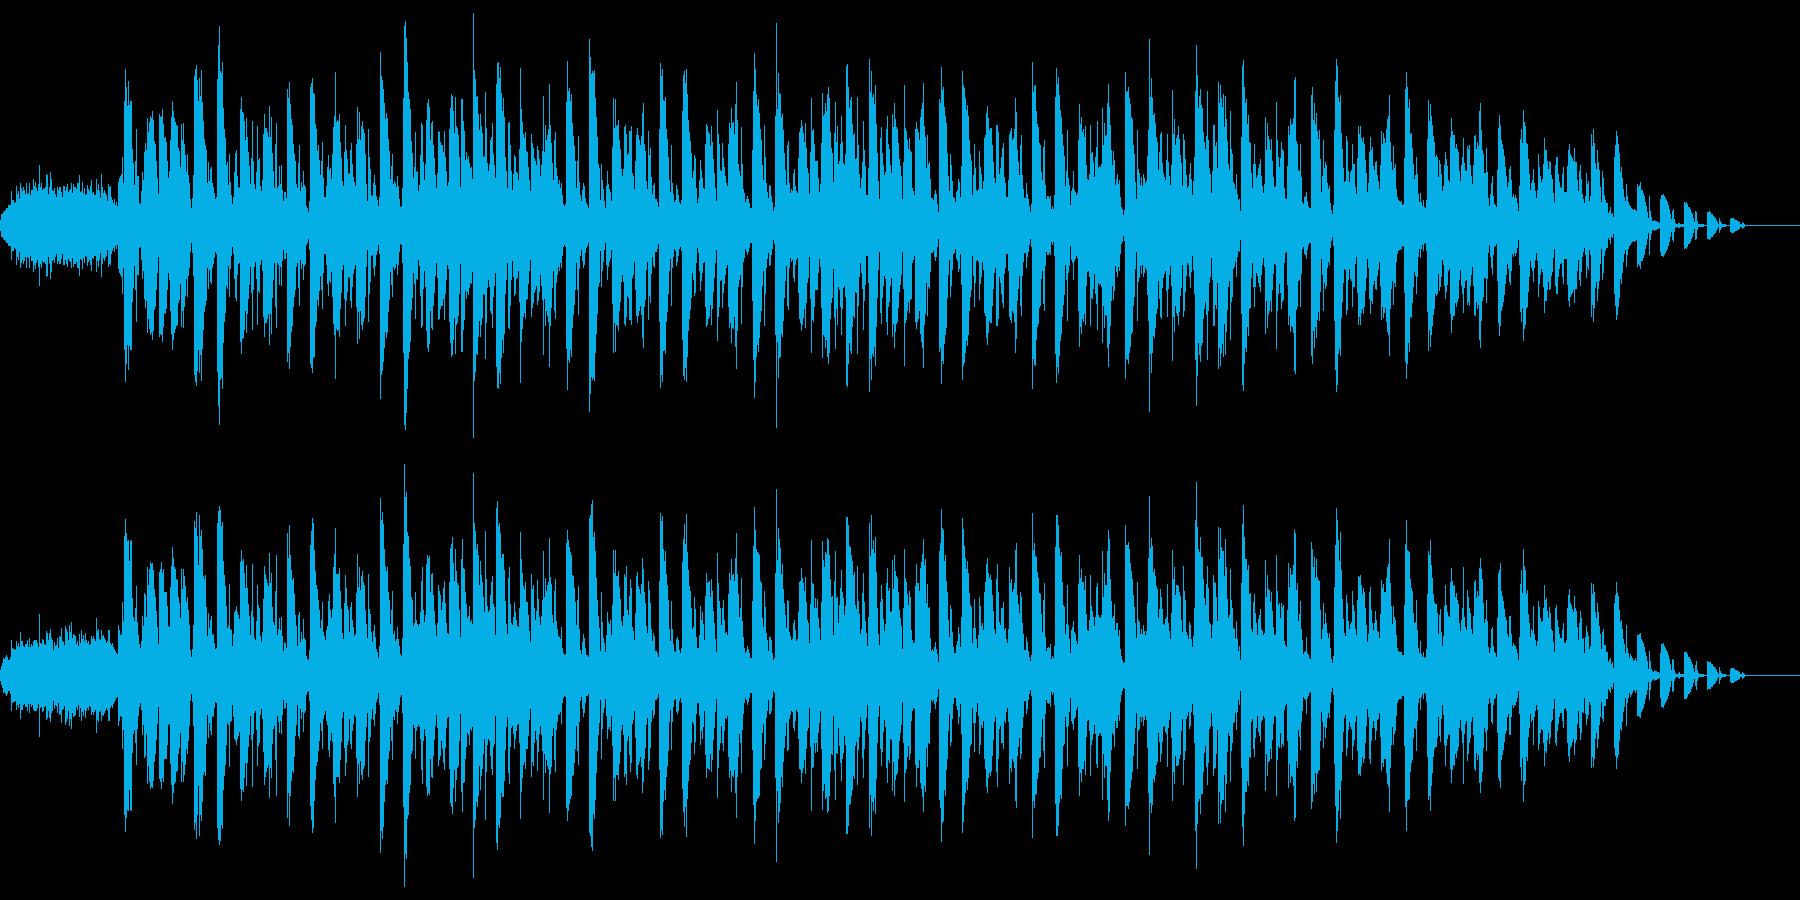 リズミカルなギターサウンドの再生済みの波形